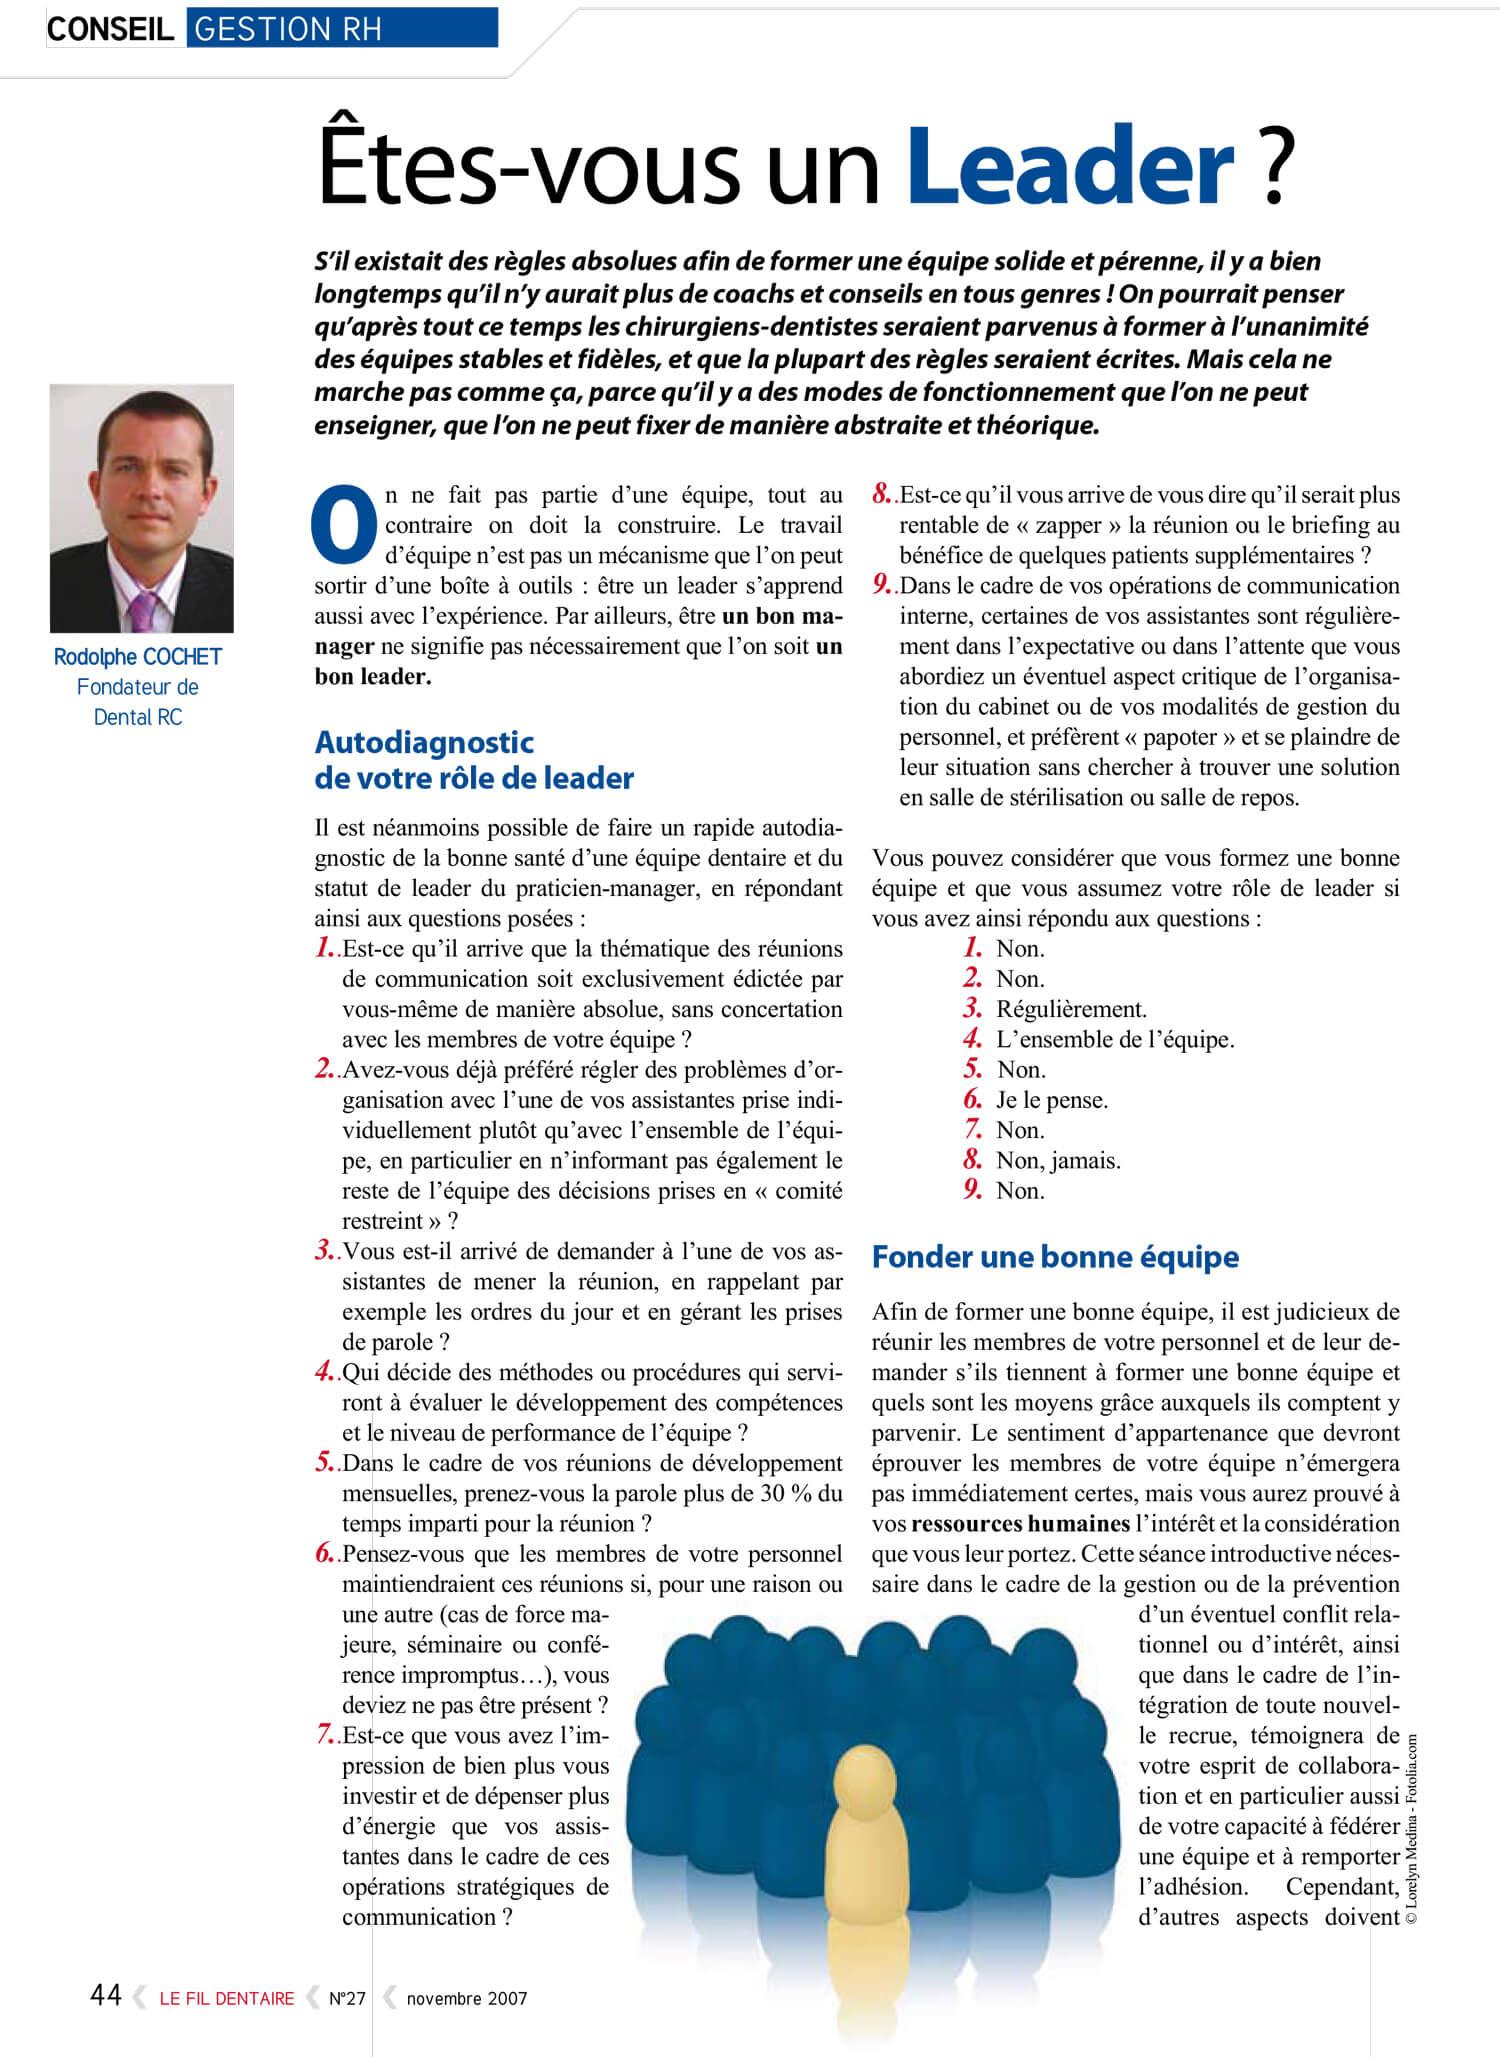 Le_Fil_Dentaire_Chirurgien-dentiste_etes-vous_un_leader_Rodolphe_Cochet.jpg